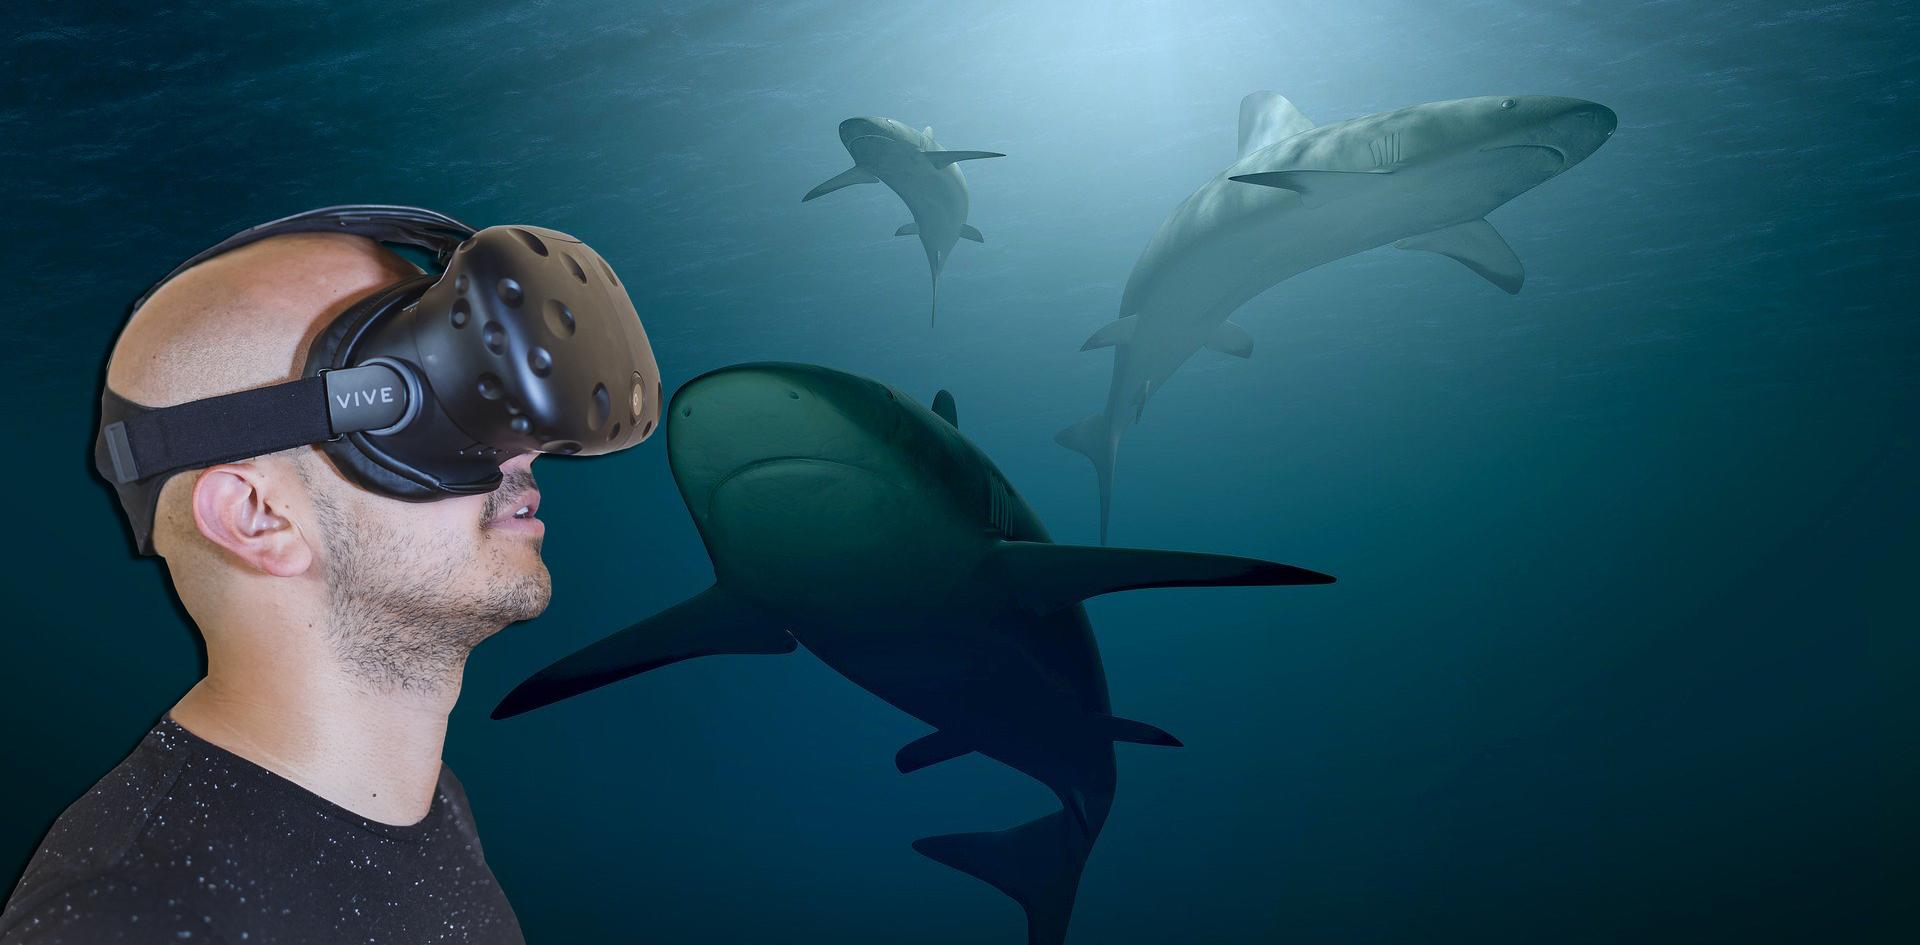 Mann mit VR-Brille in Unterwasserwelt